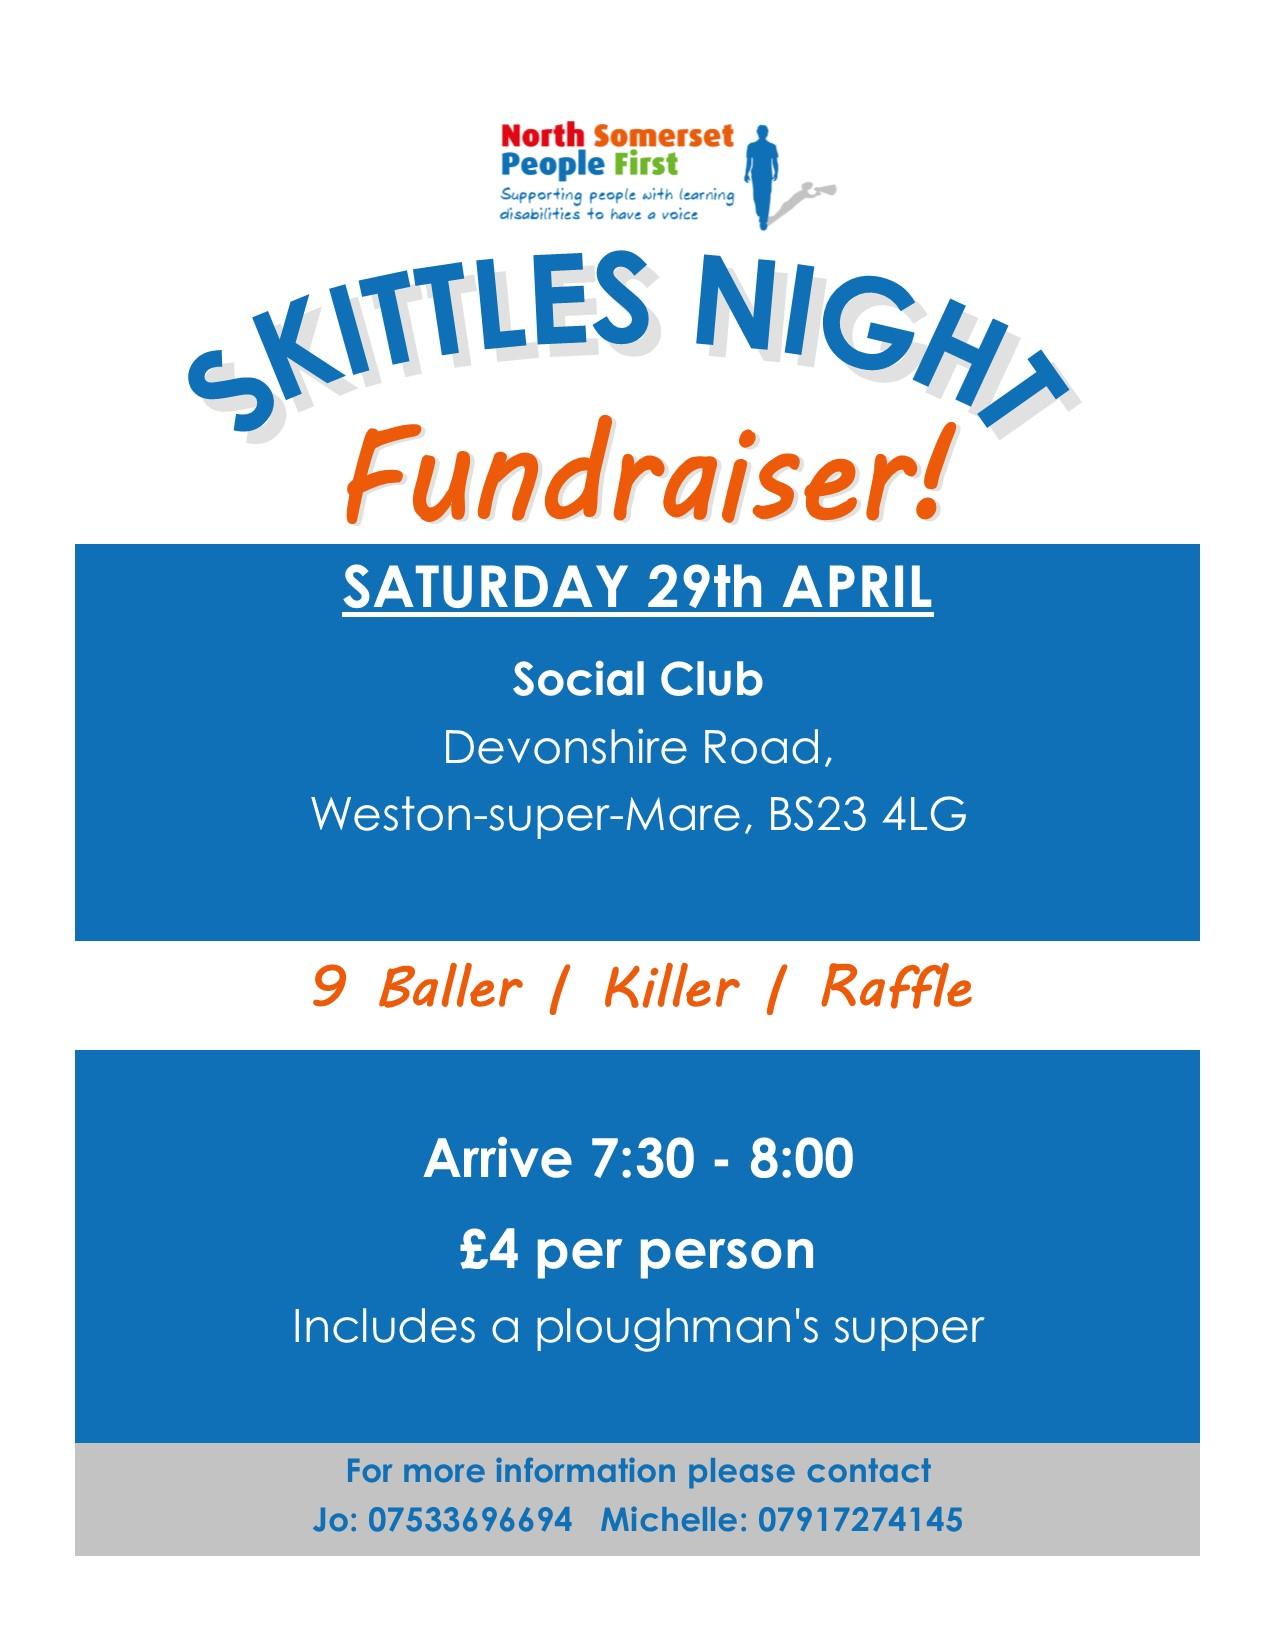 Skittles Fundraiser